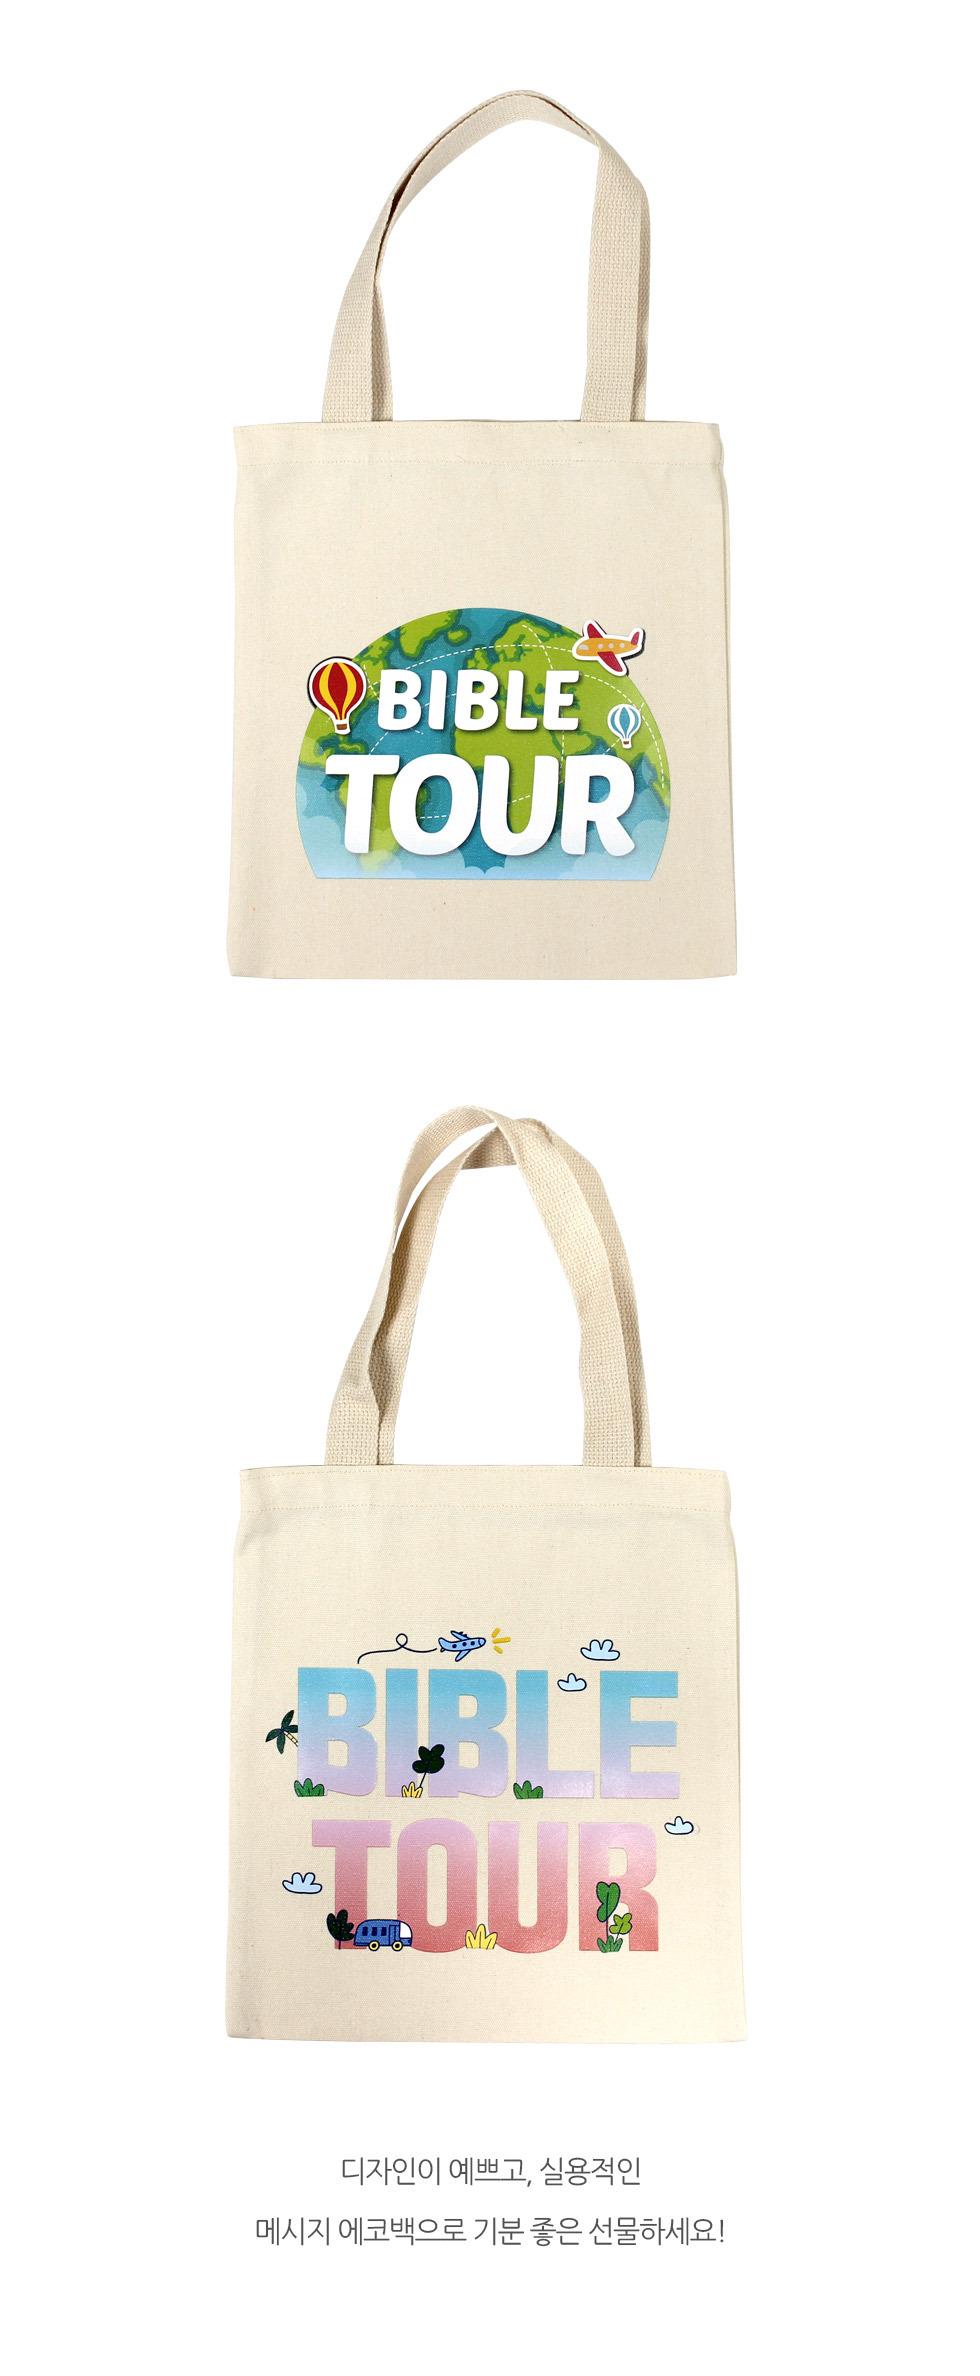 메시지 에코백 BIBLE TOUR (바이블투어) 말씀으로 새로워지는 여행, 예장통합 디자인이 예쁘고 실용적인 메시지에코백